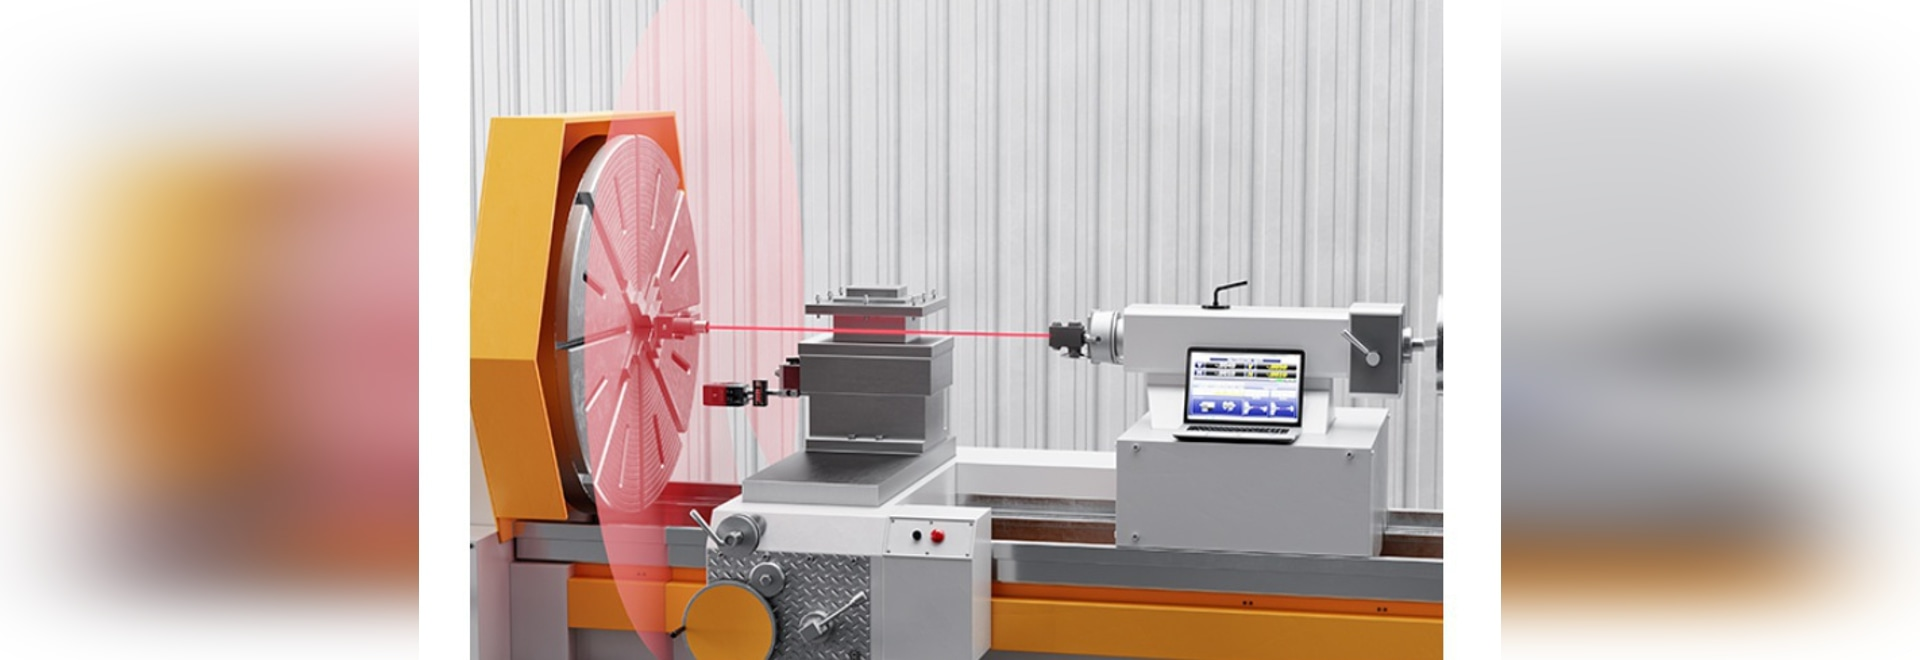 Les lasers vérifient et ajustent l'alignement de machine